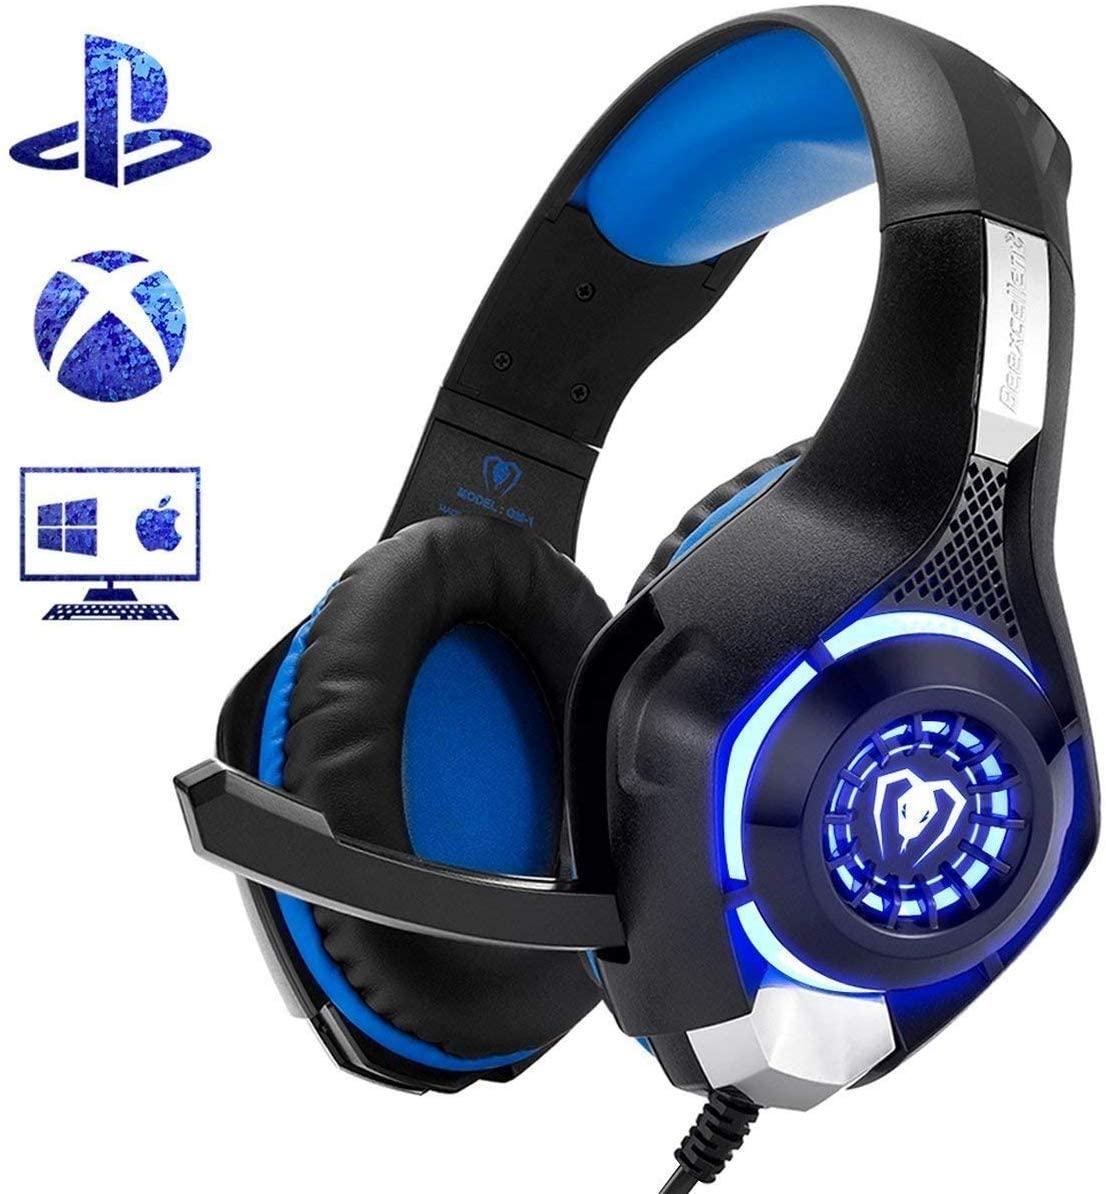 Tai nghe chơi game Beexclusive dành cho PS4